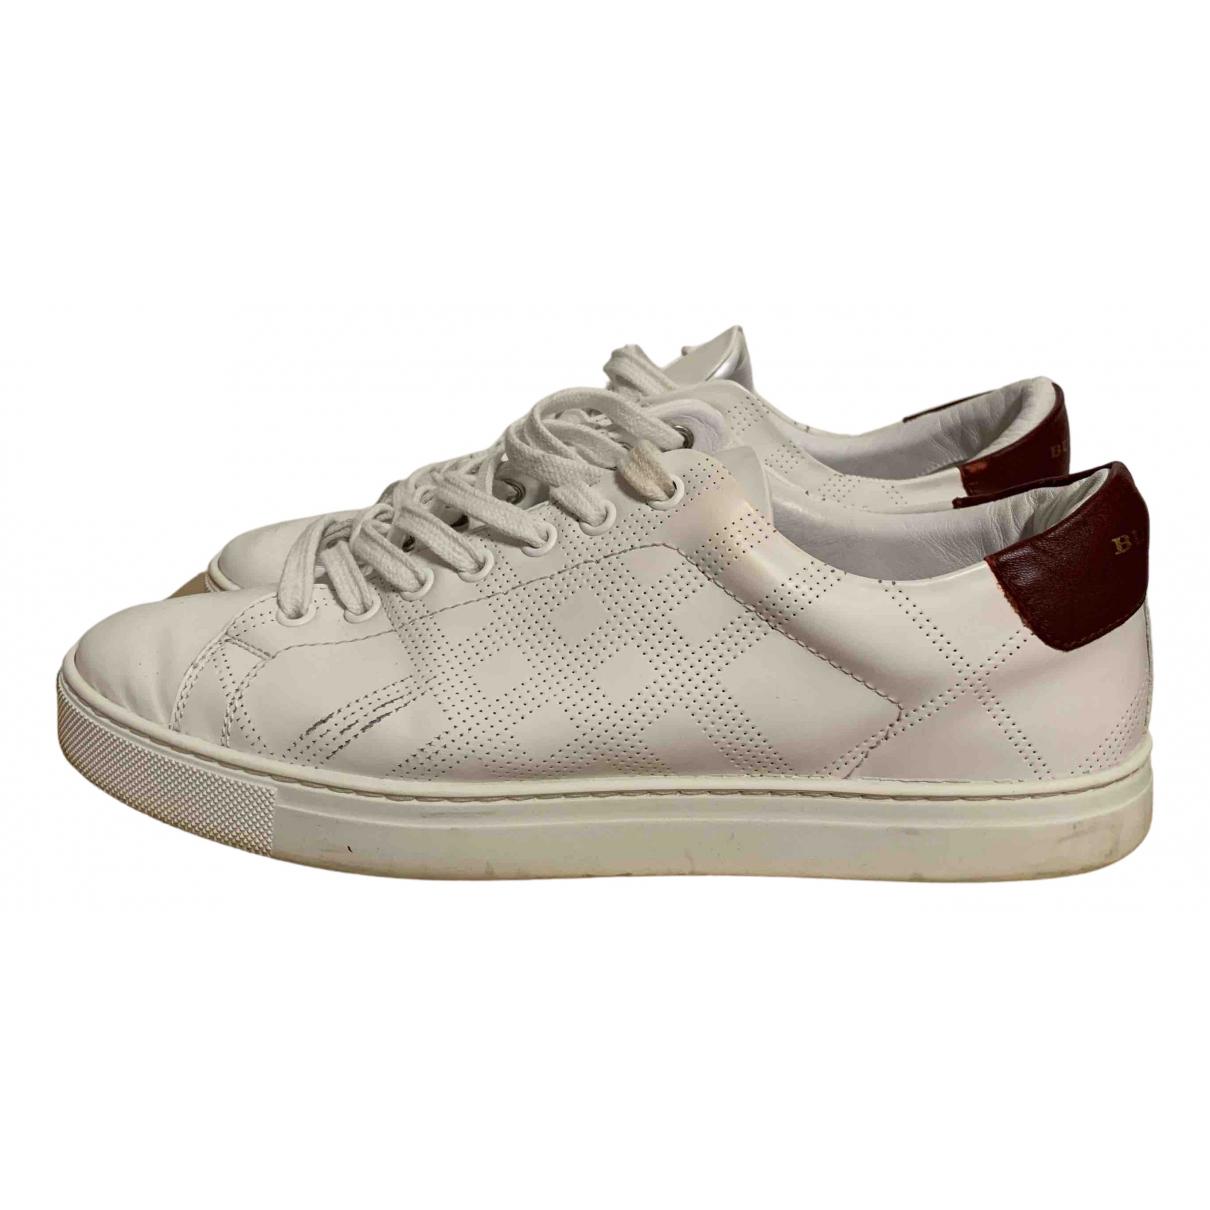 Burberry - Baskets   pour homme en cuir - blanc